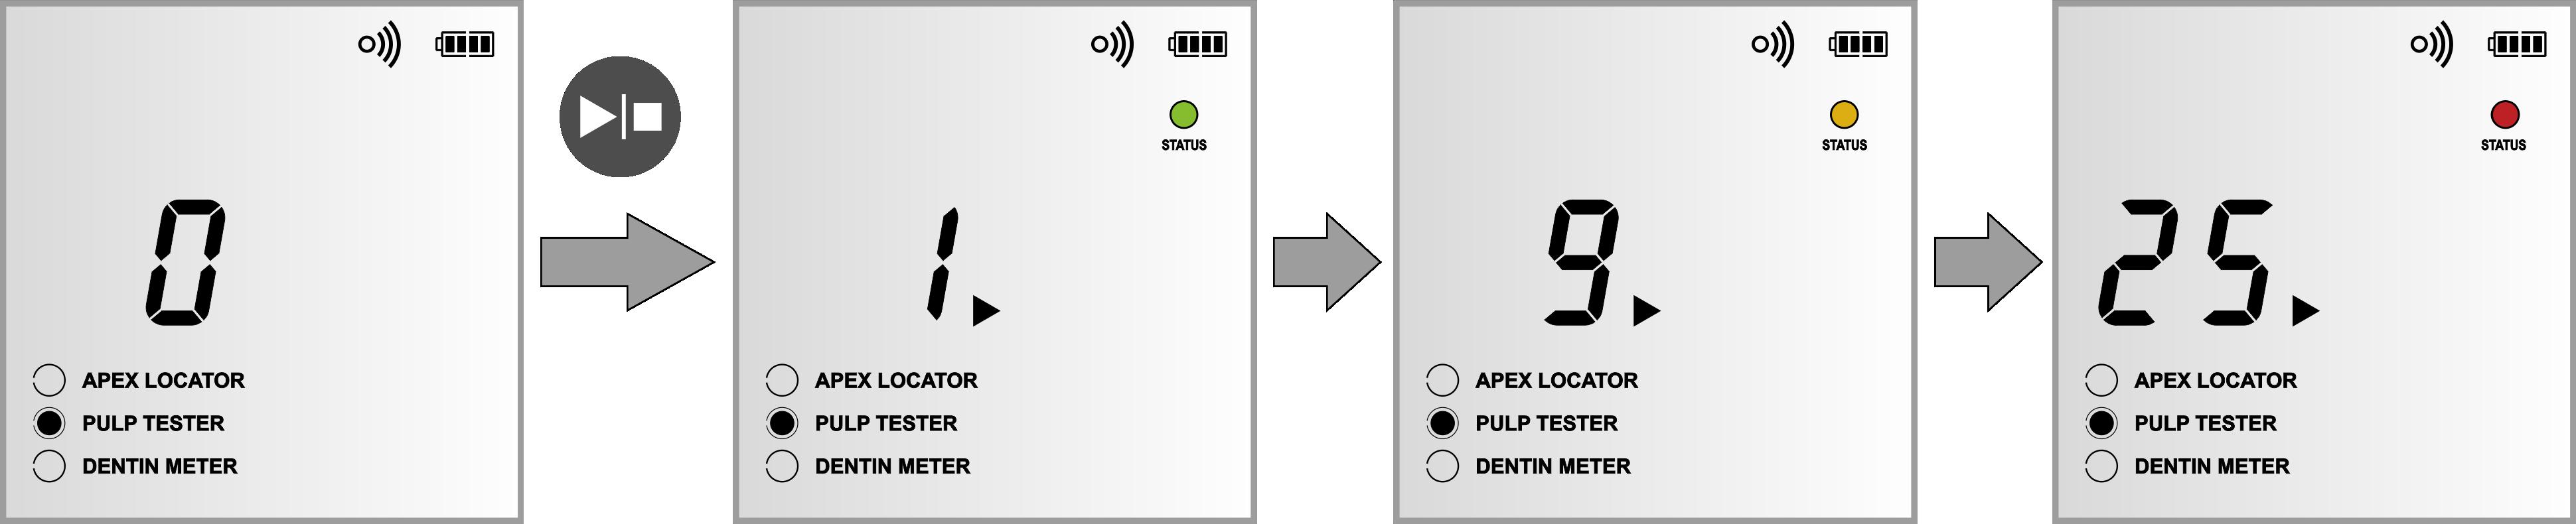 Apex locator 3in1 EndoEst 3D Geosoft cu pulp tester si dentimetru